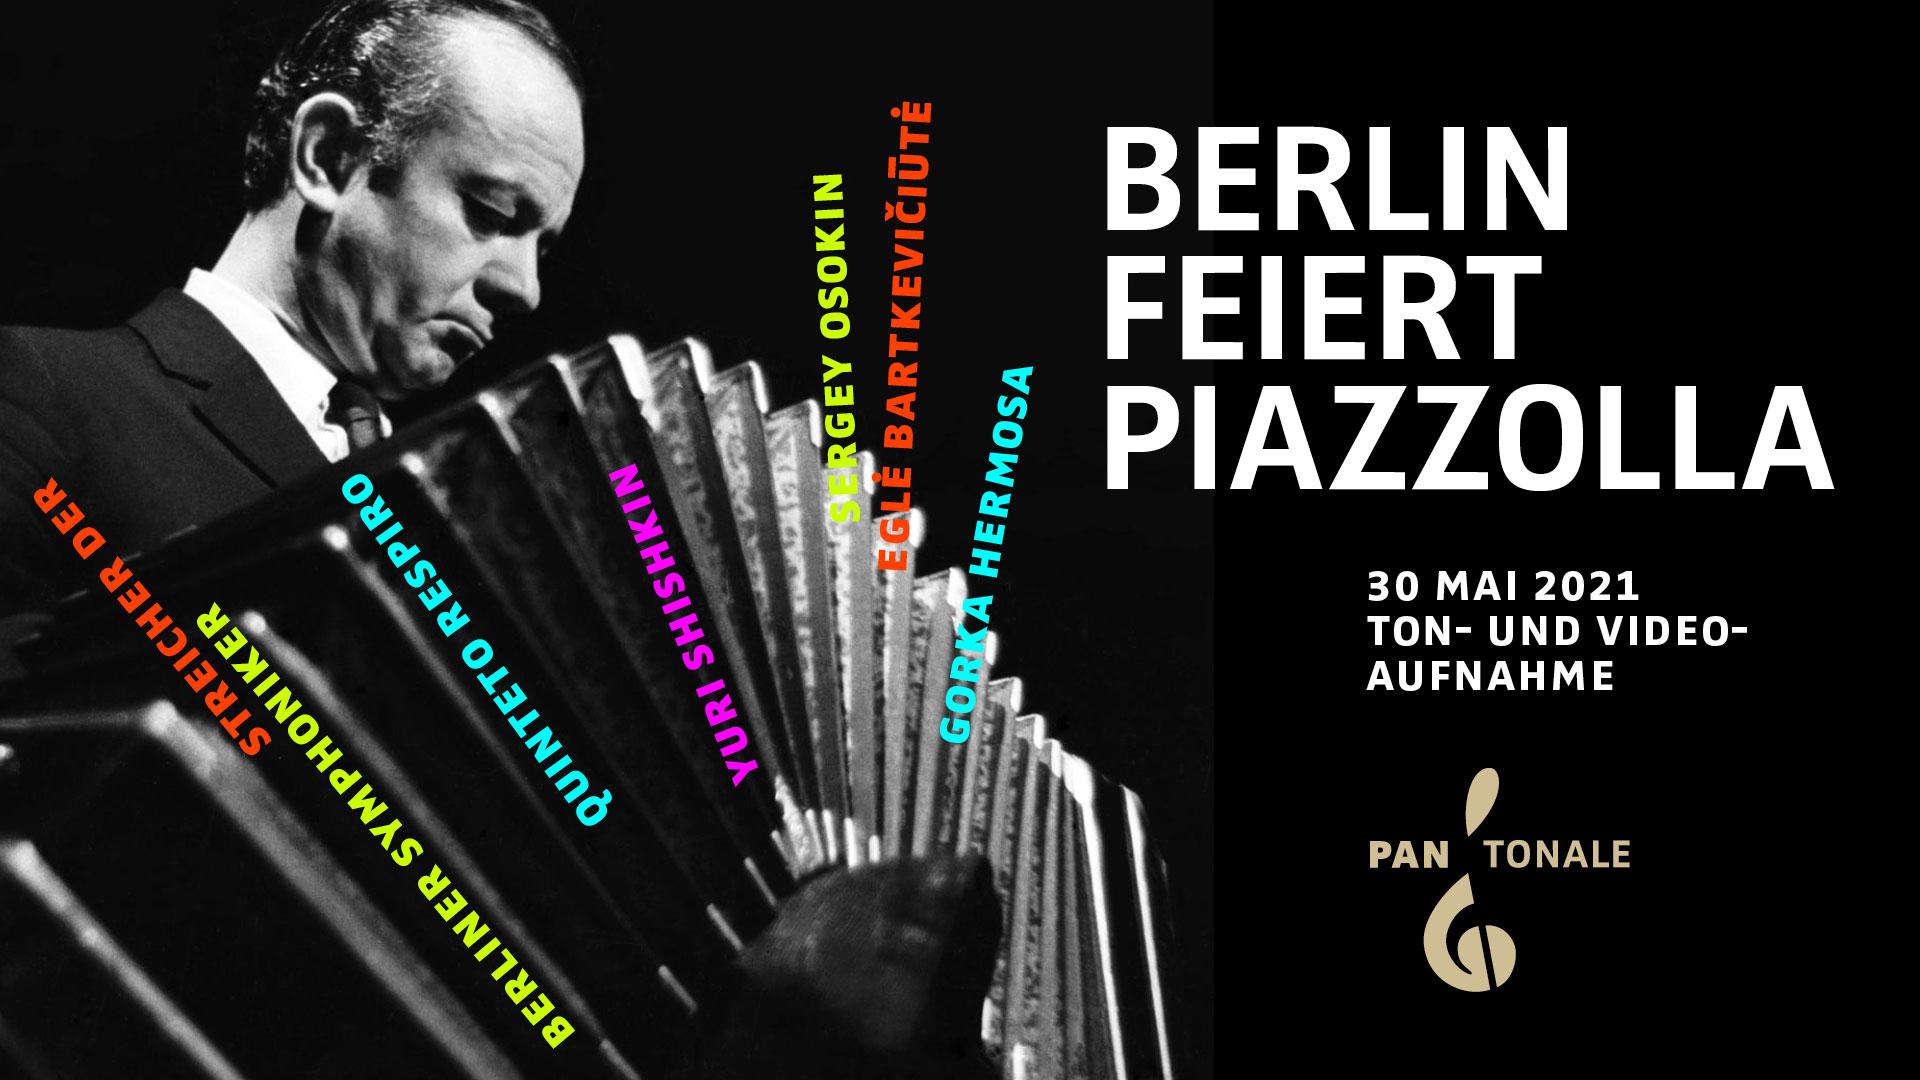 Berlin feiert Piazzolla - Konzert des PANTONALE e.V. 2021